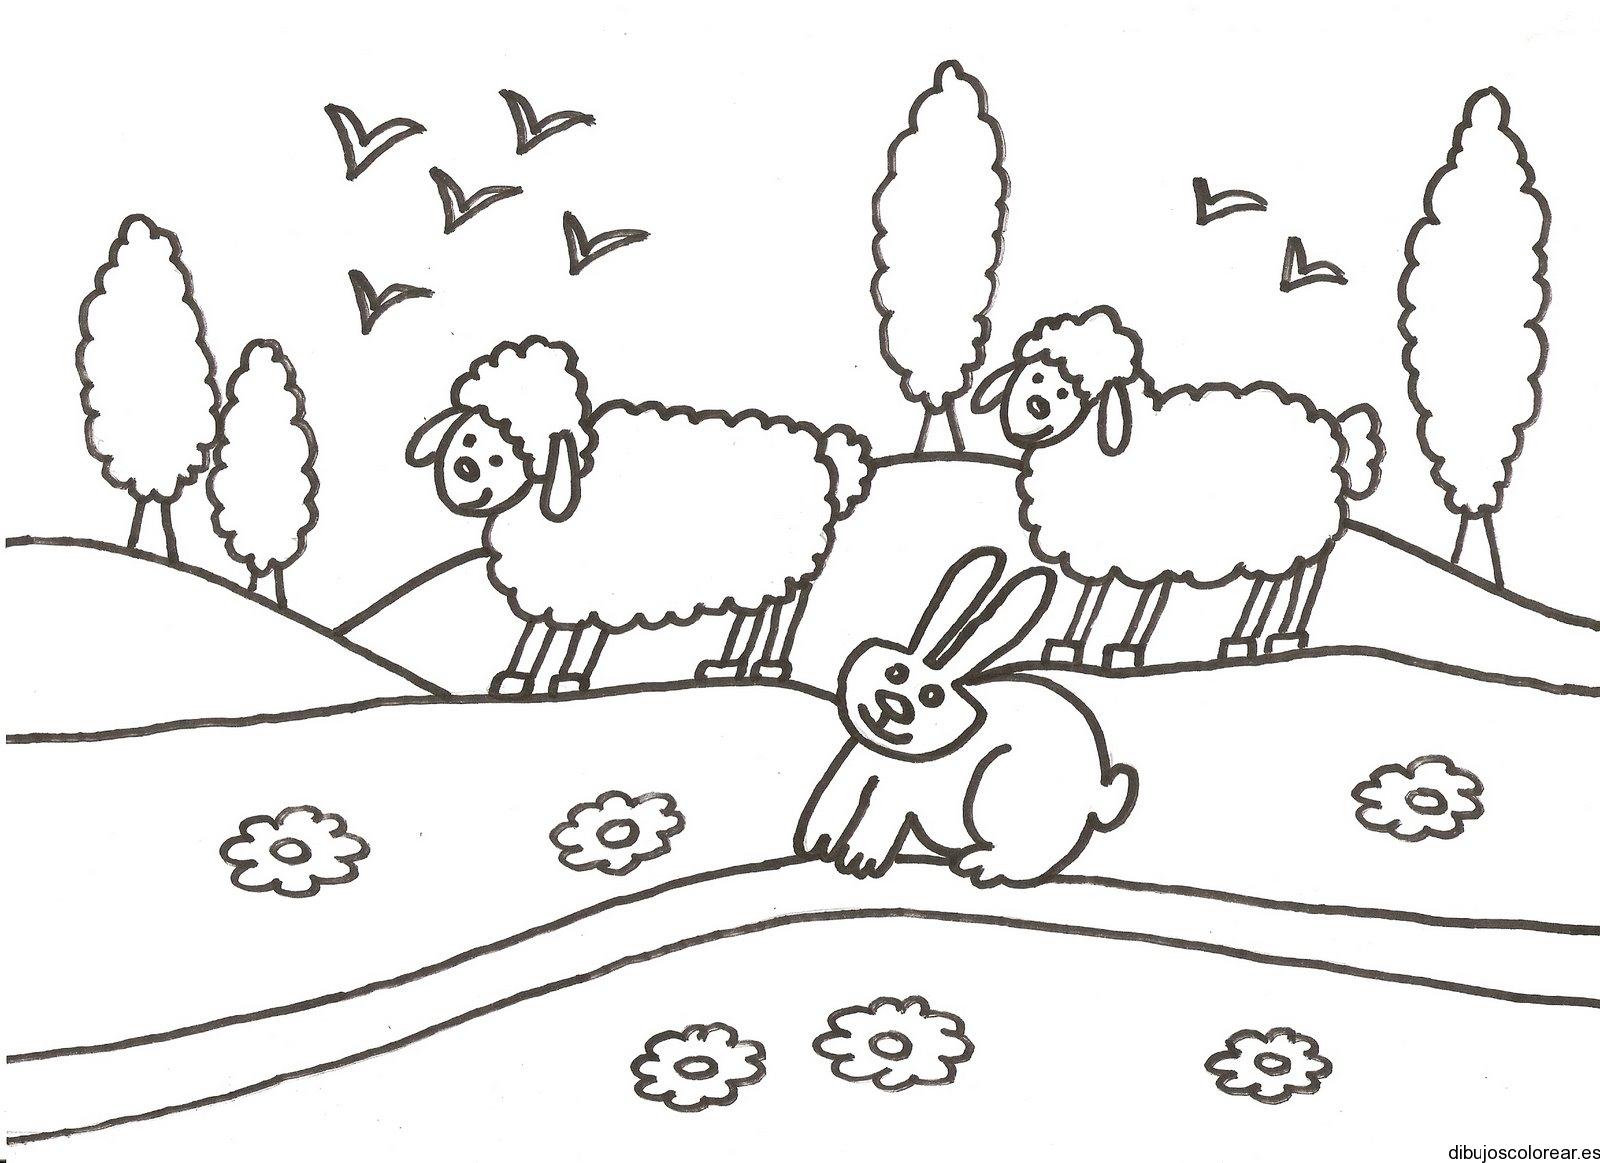 Dibujo de dos ovejas y un conejo jugando